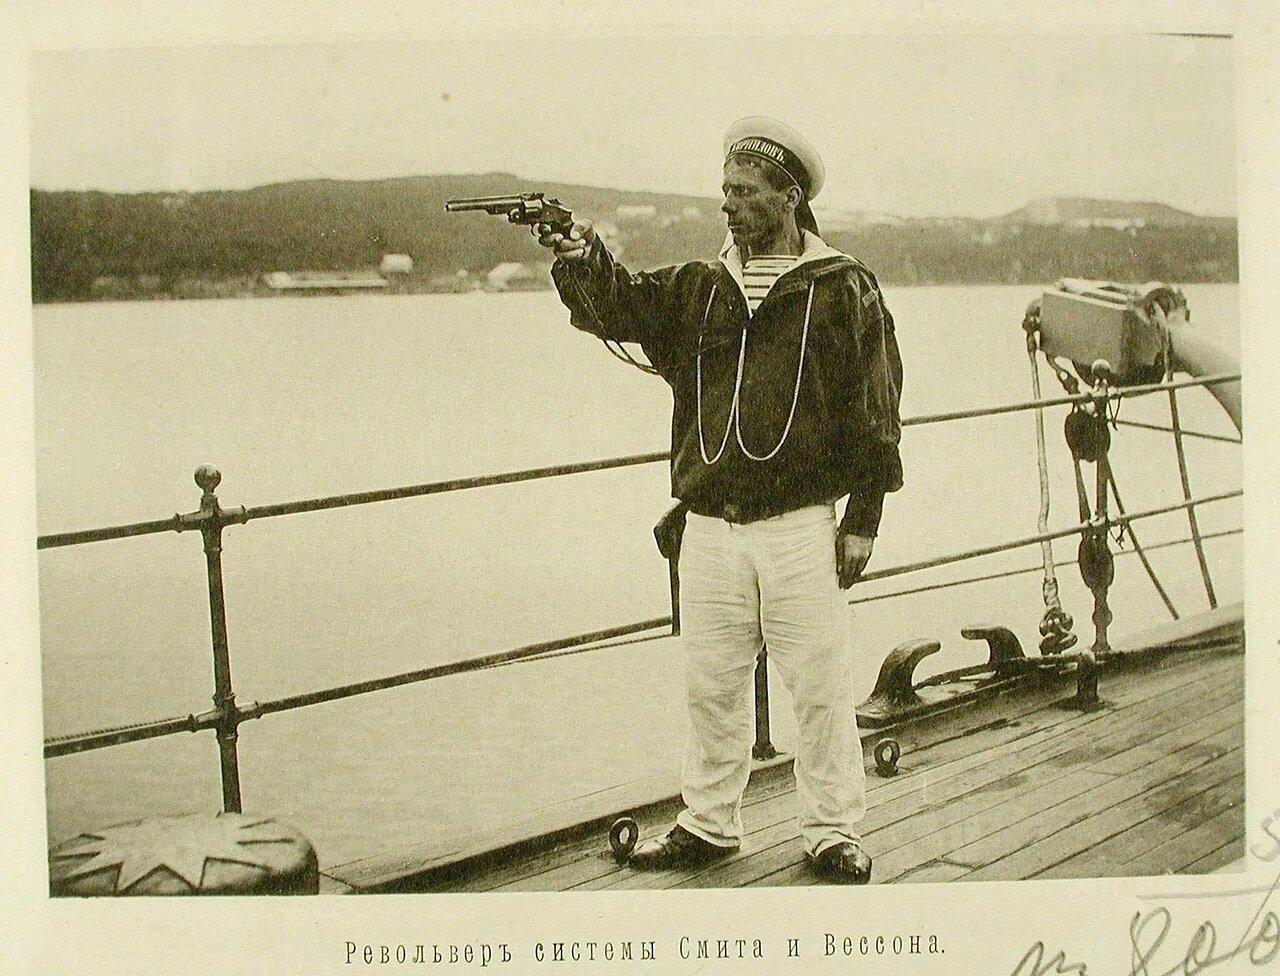 110. Матрос одного из крейсеров эскадры стреляет из револьвера системы Смита и Вессона